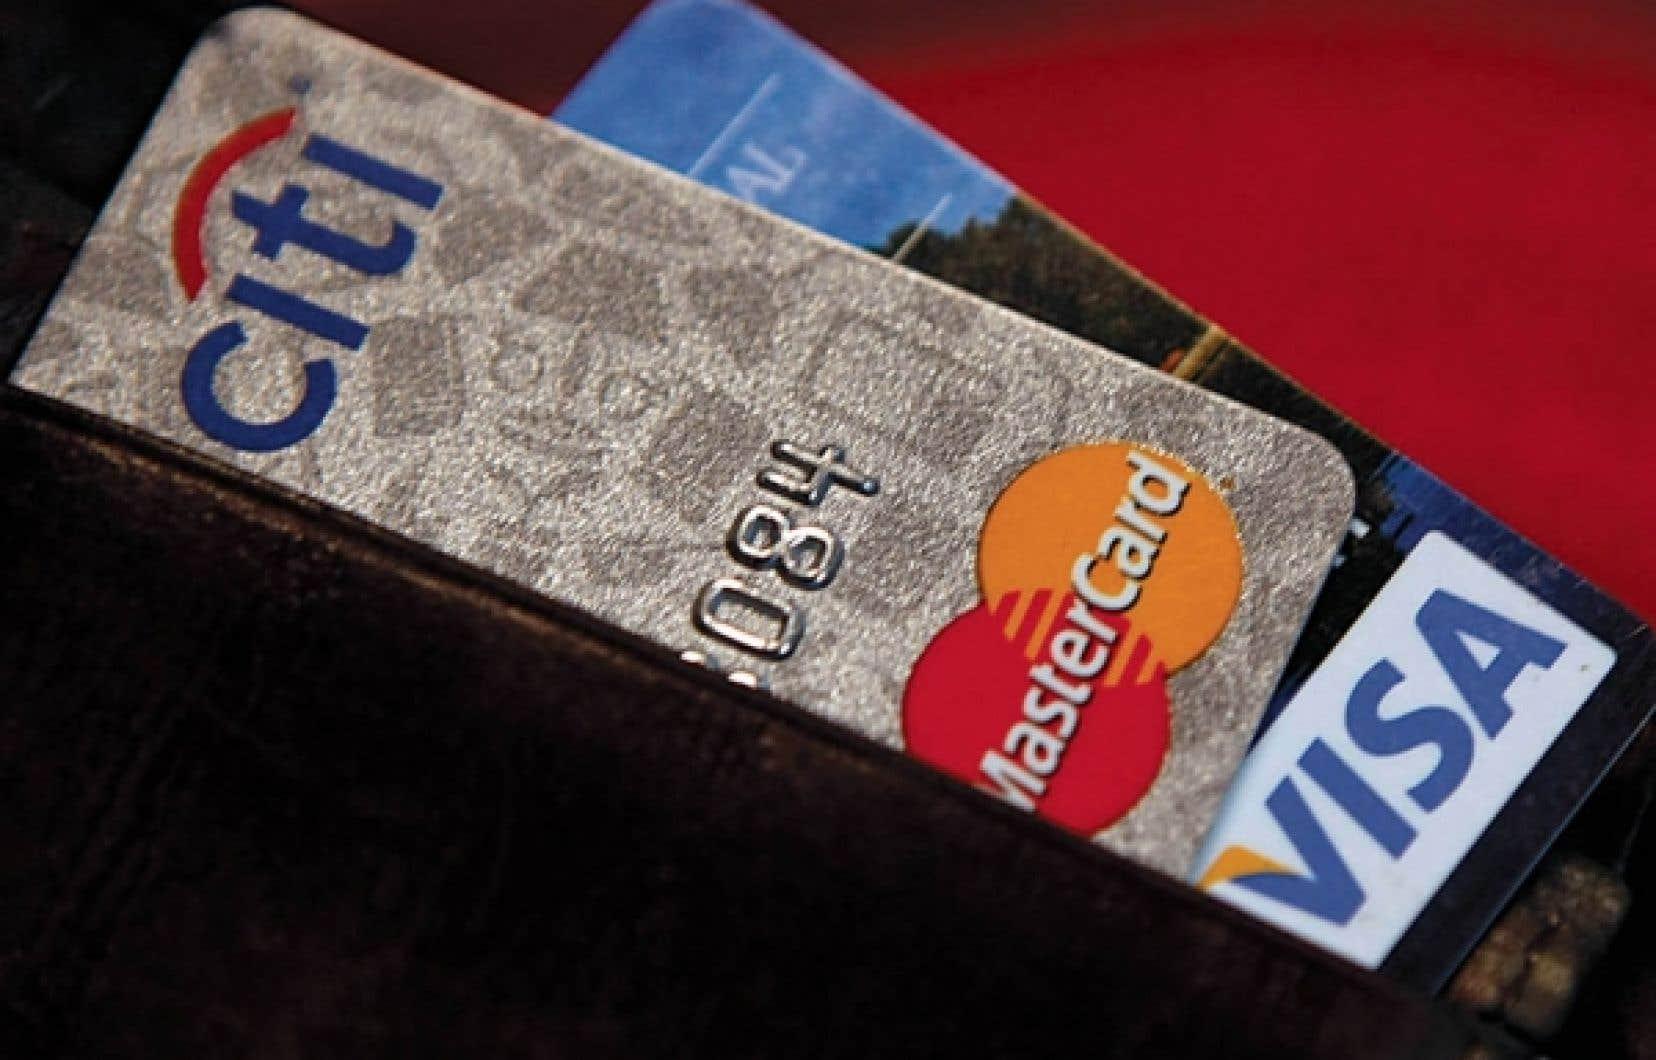 Le bureau de la concurrence sattaque à visa et mastercard un